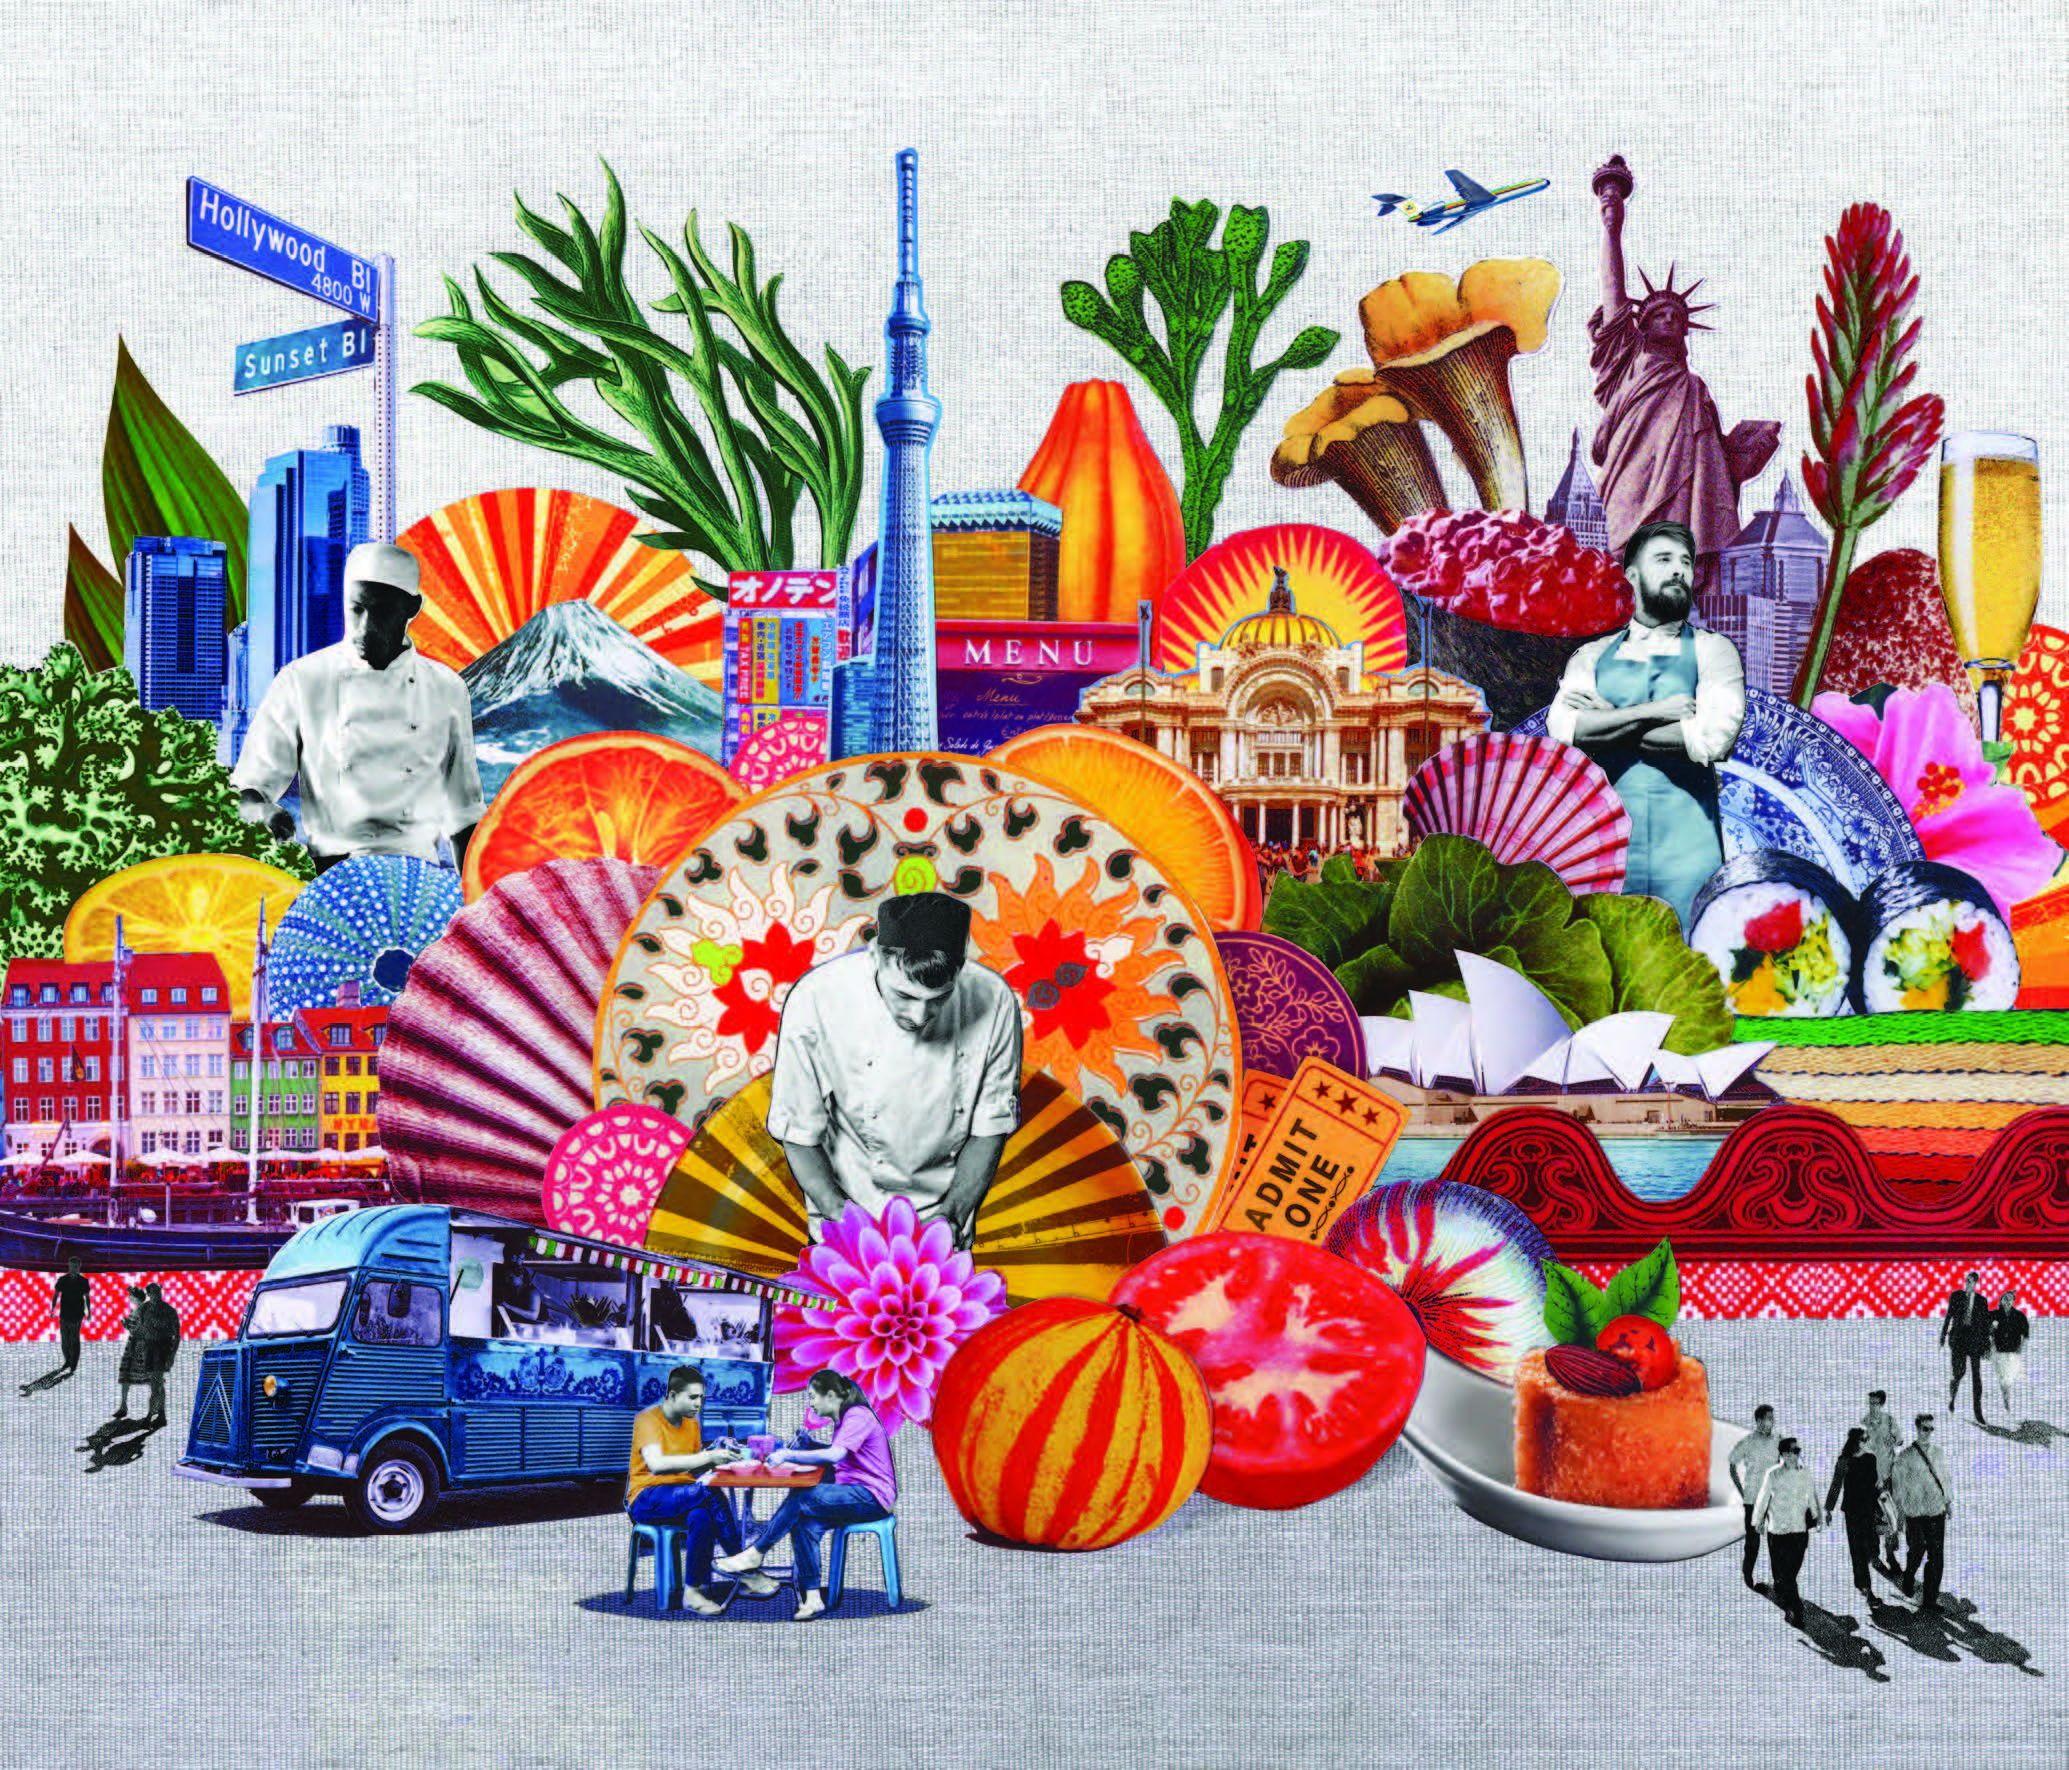 Issuu zines art illustratio n collage mixed media